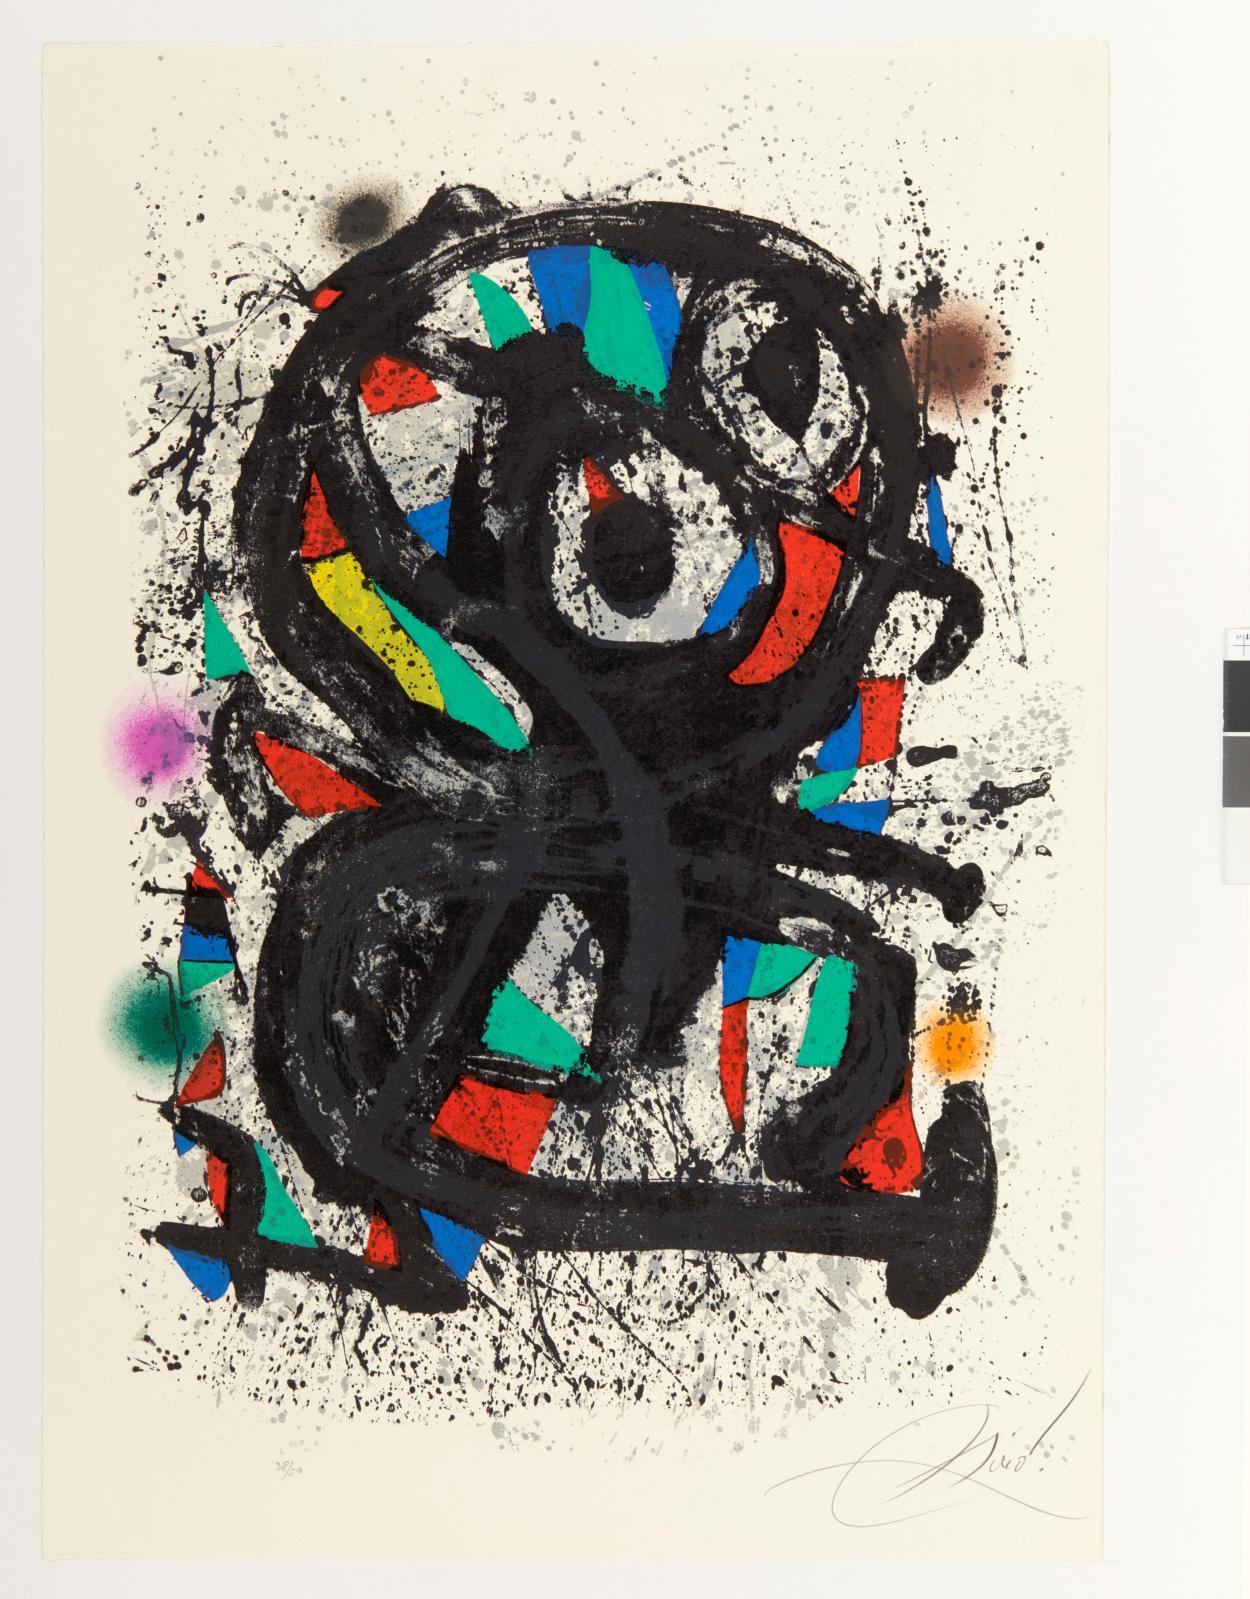 Joan Miró (1893-1983),Grand Palais, lithographieen couleurs avec projections, 1974, épreuve tiréeà 50exemplaires numérotés, signée au